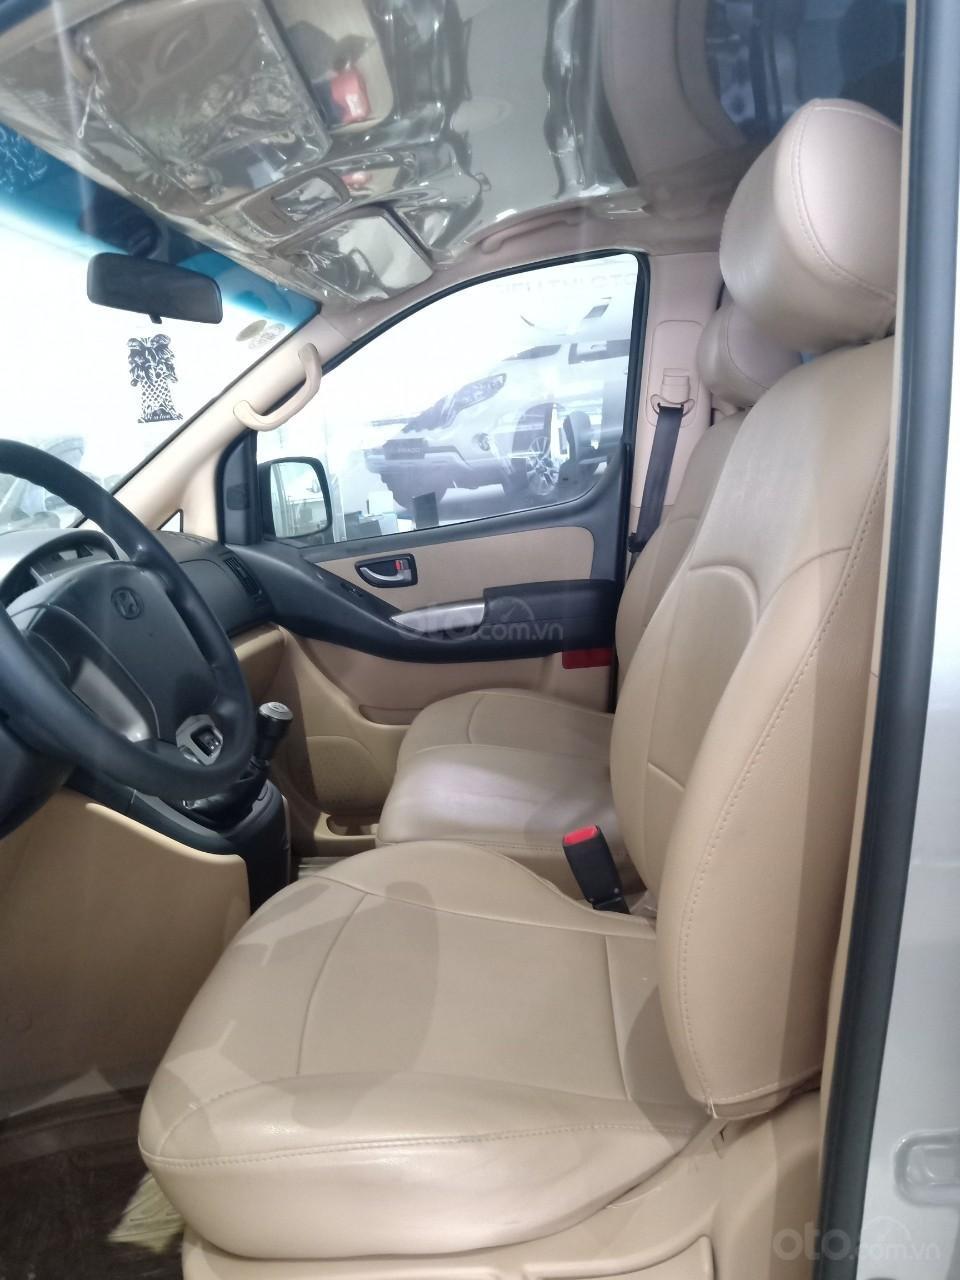 Bán xe Hyundai Starex 2.5D MT 9 chỗ 2013, màu bạc, xe nhập, giá tốt (3)